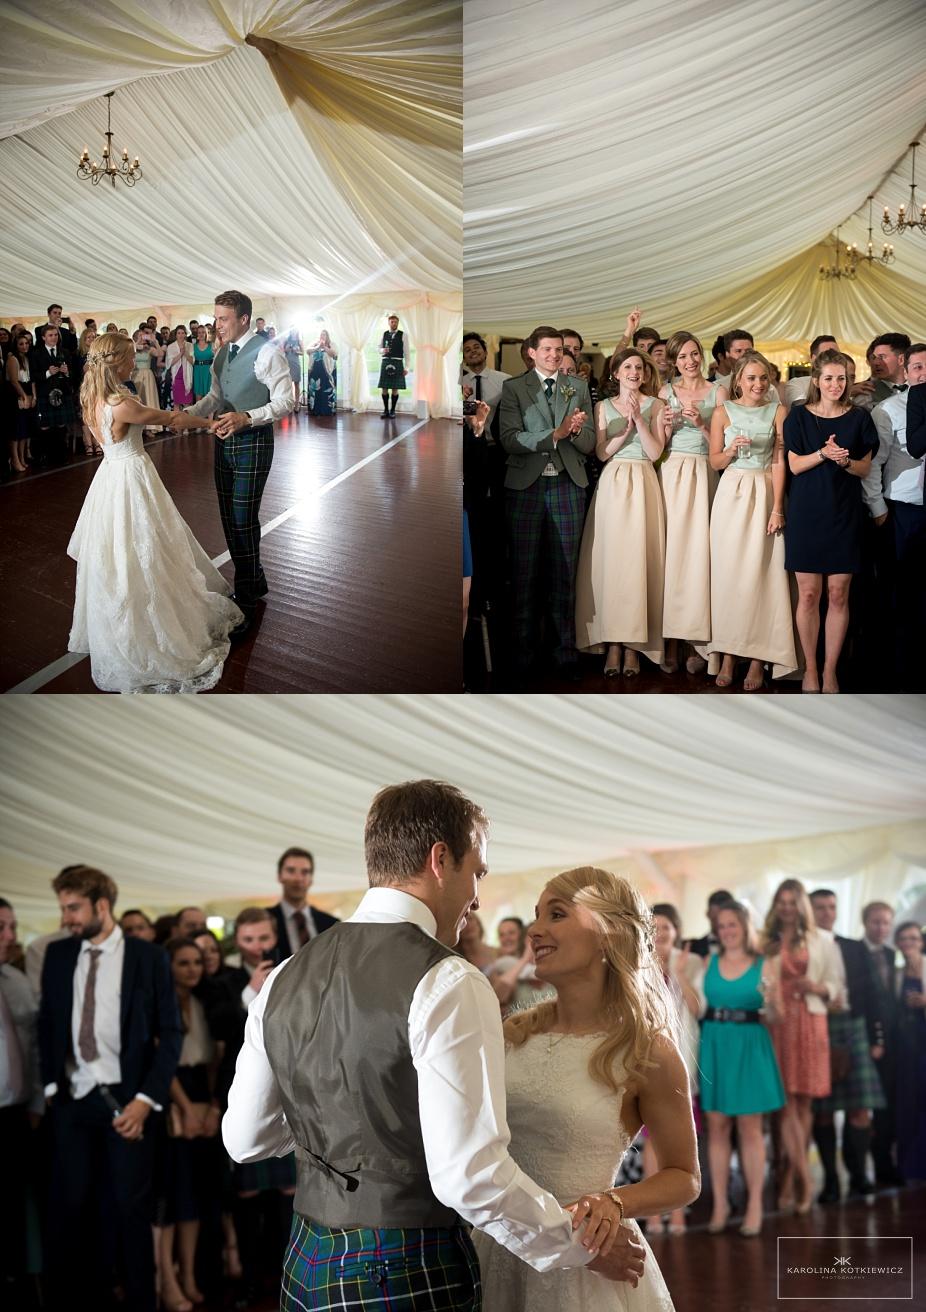 085_Glencourse House wedding photos